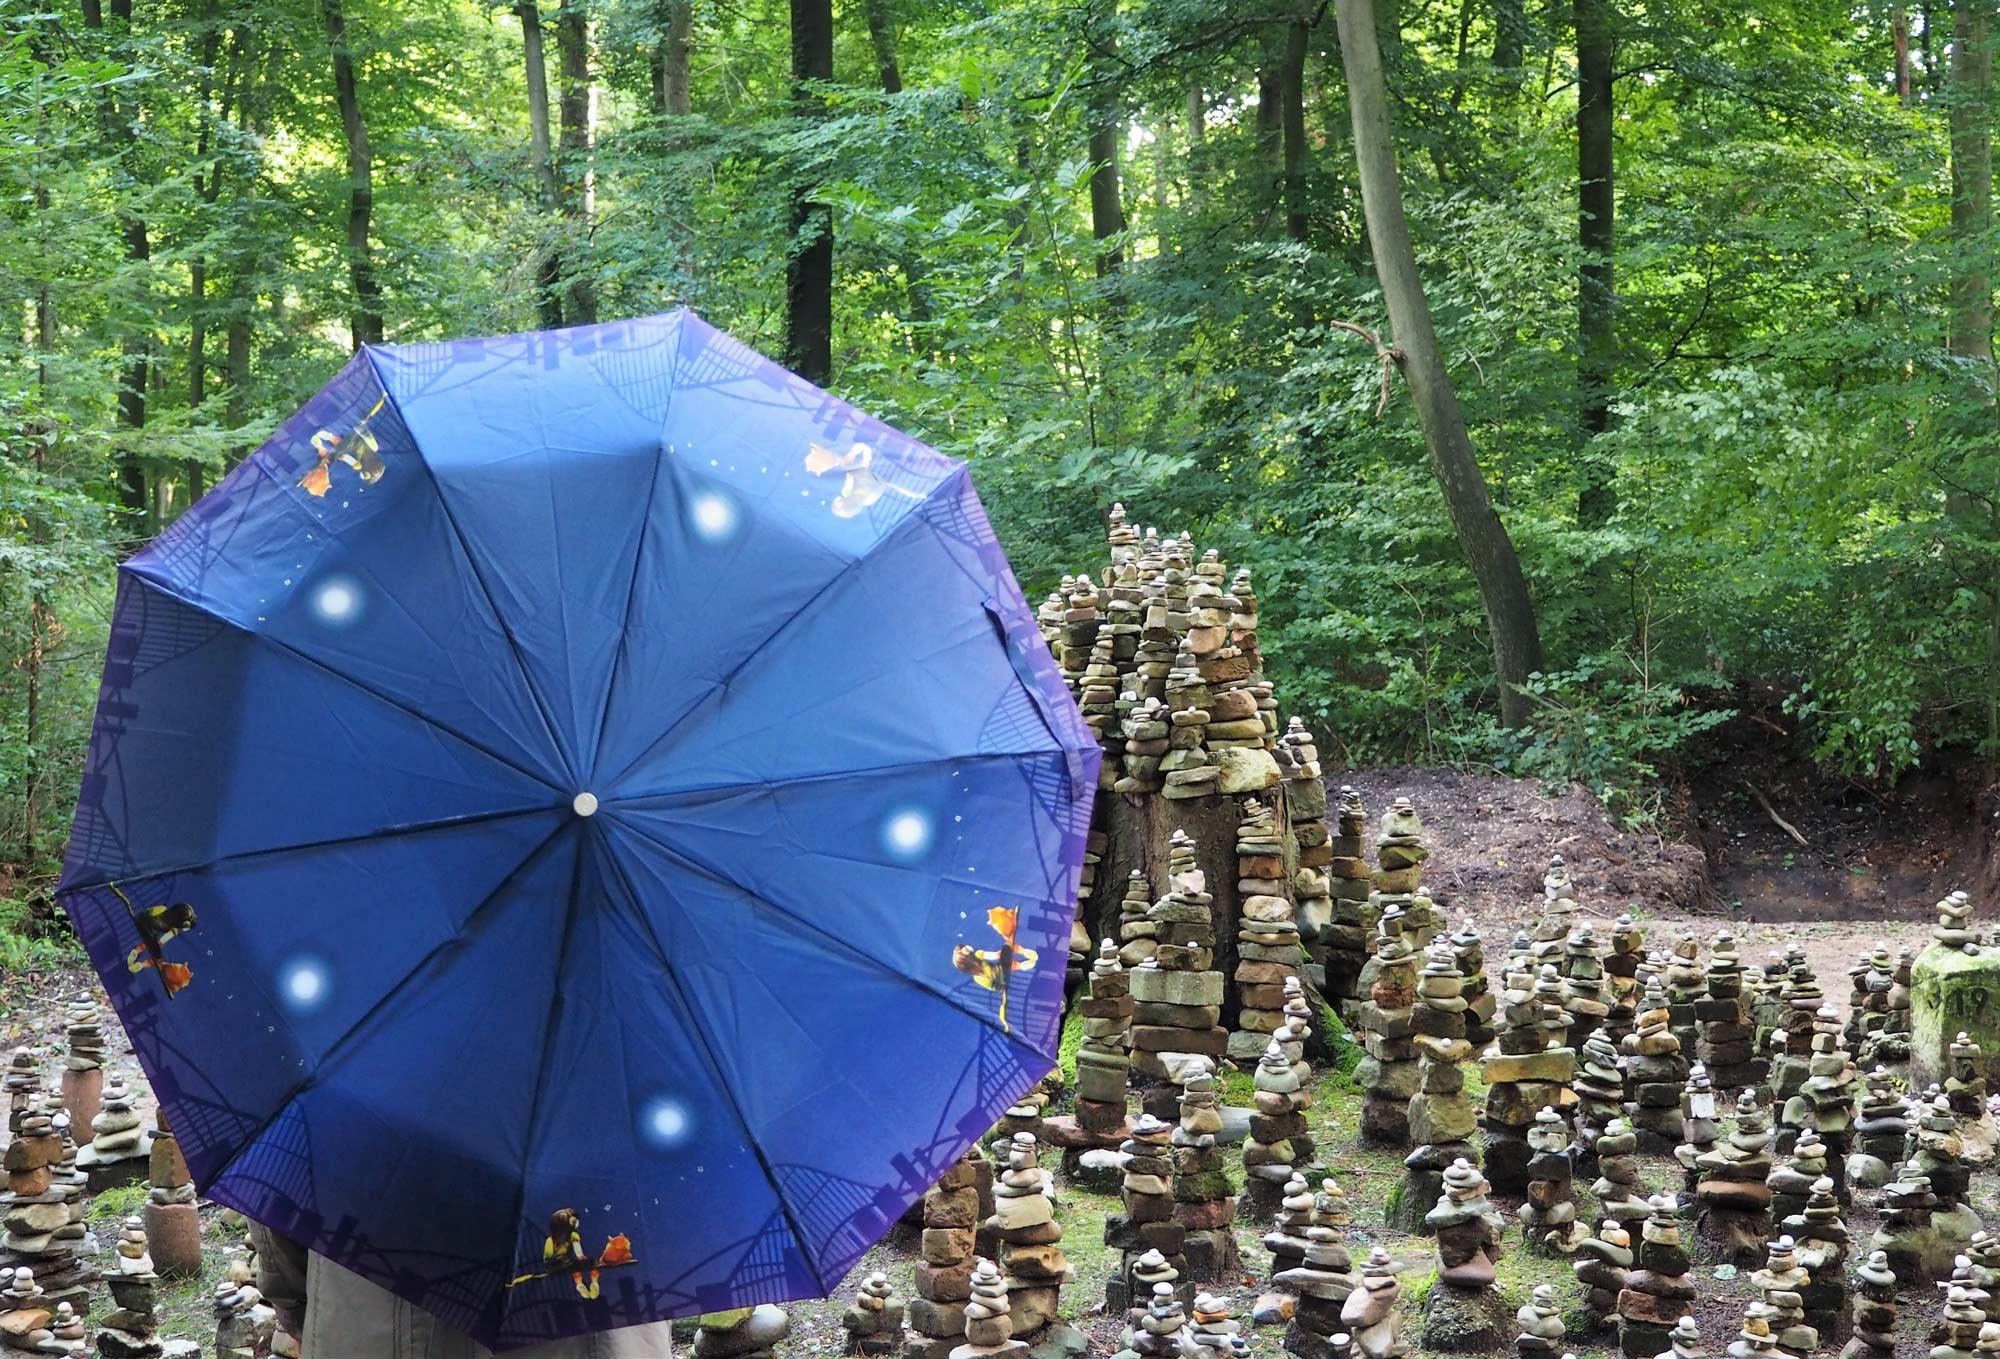 [Werbung] ZEST Regenschirme – fröhlich durch den nächsten Regen!